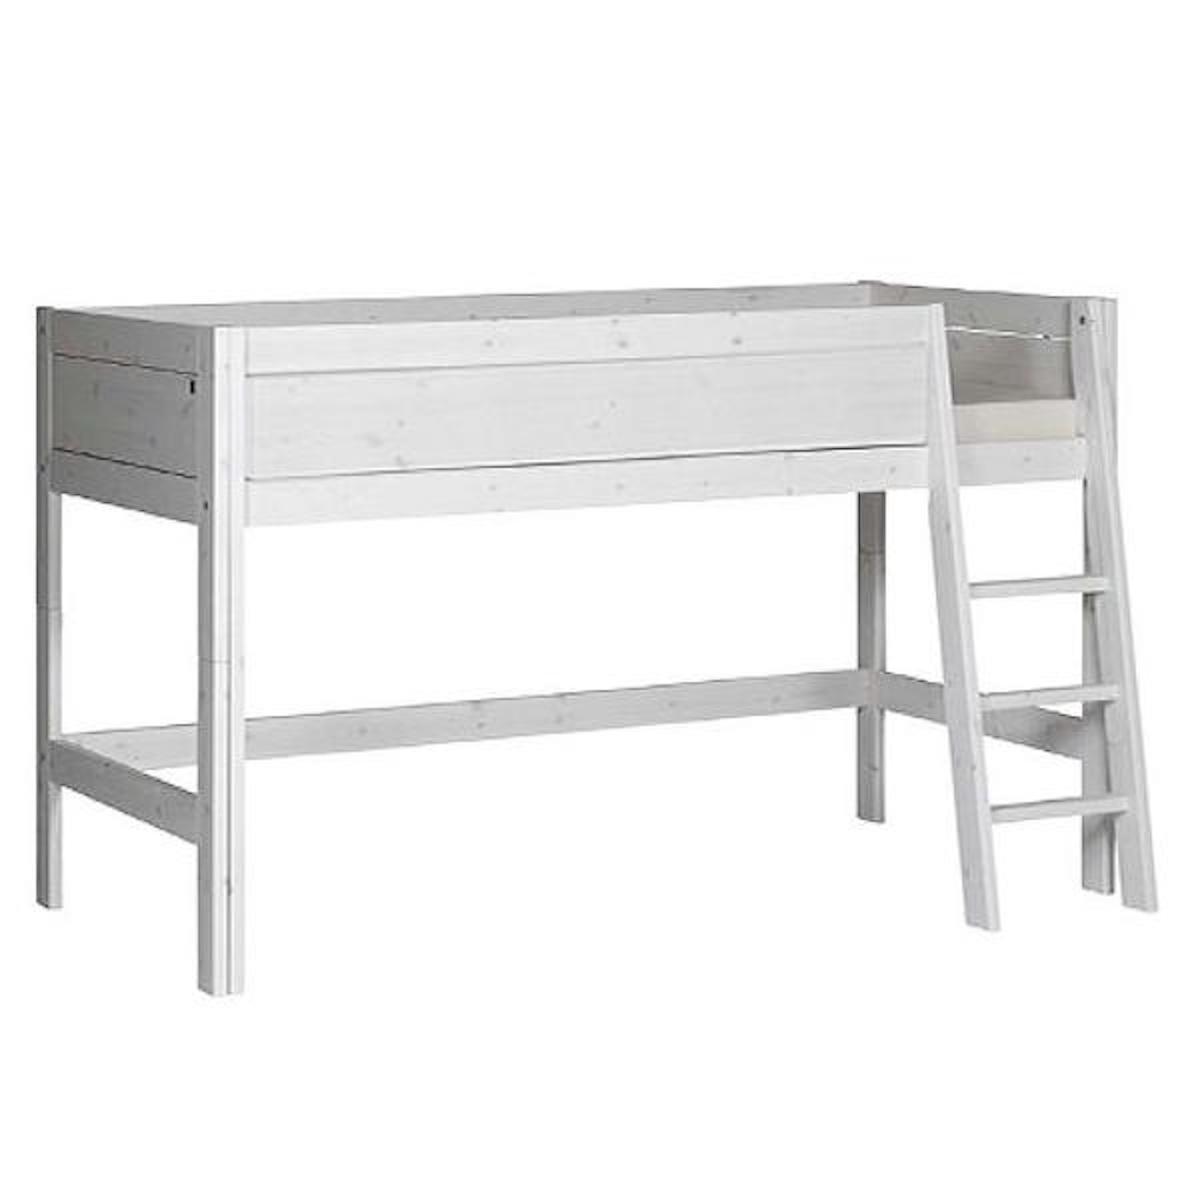 Halbhohes Bett mit Schrägleiter + Deluxe Lattenrost 90x200cmLifetime whitewash